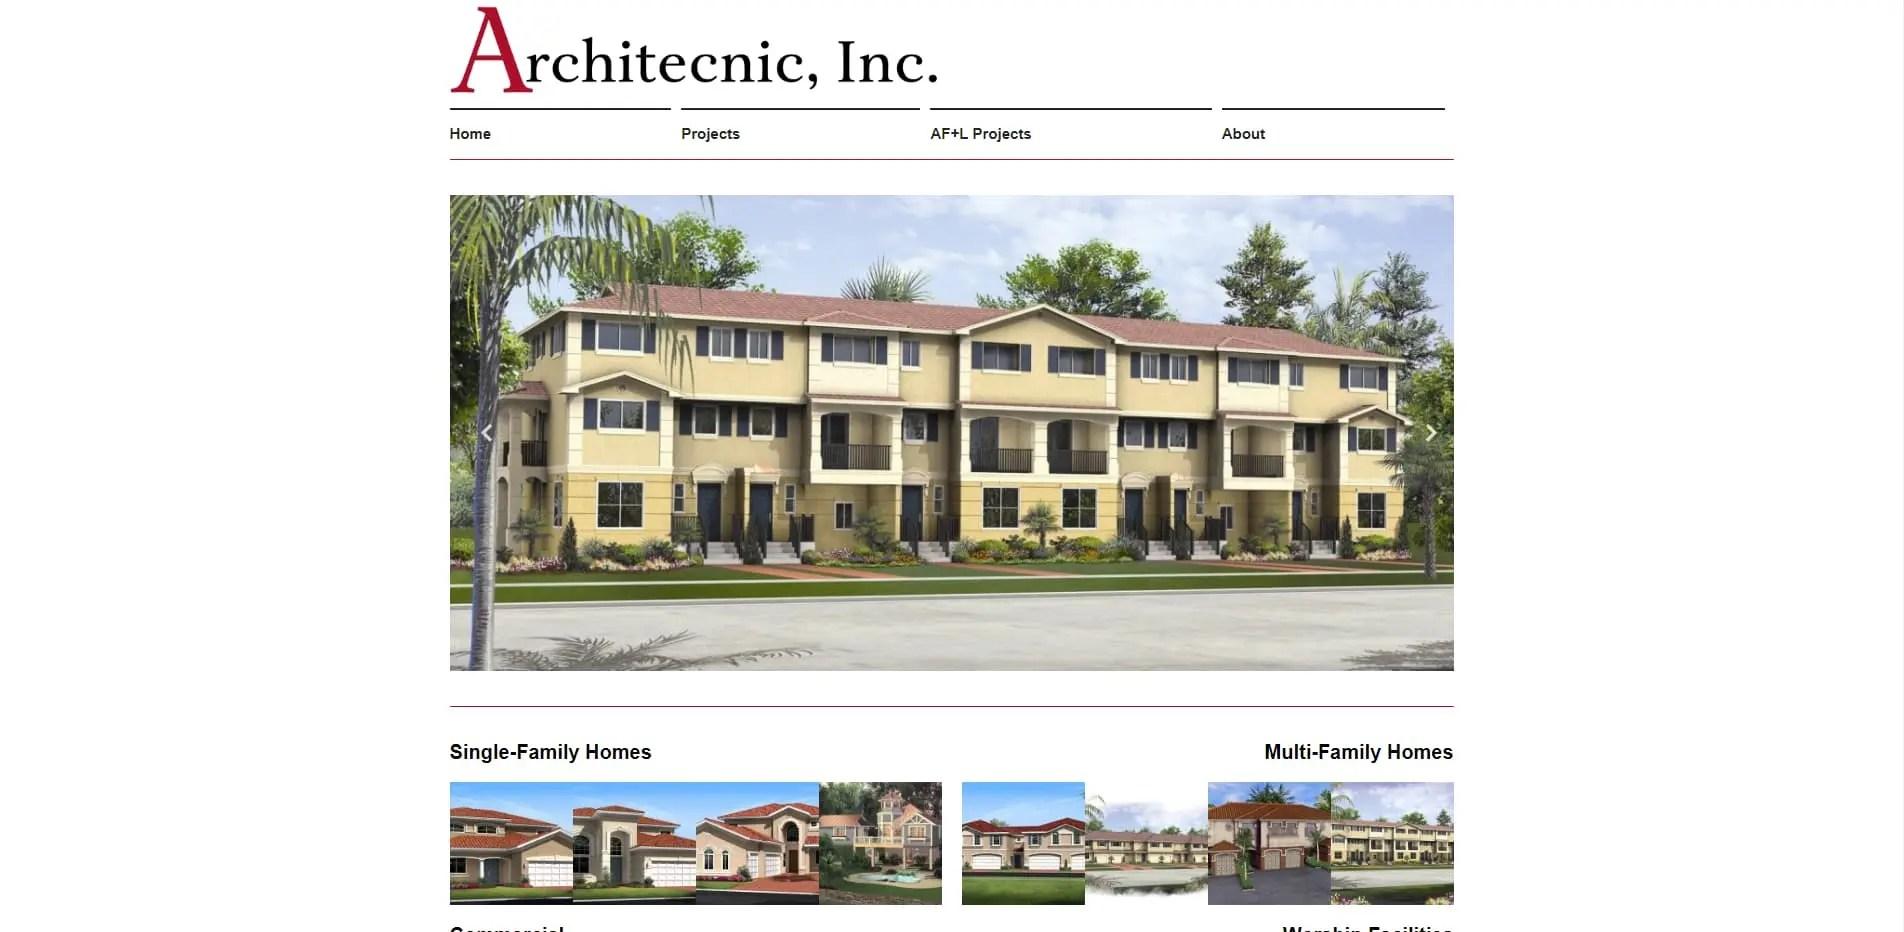 Architecnic Case Study